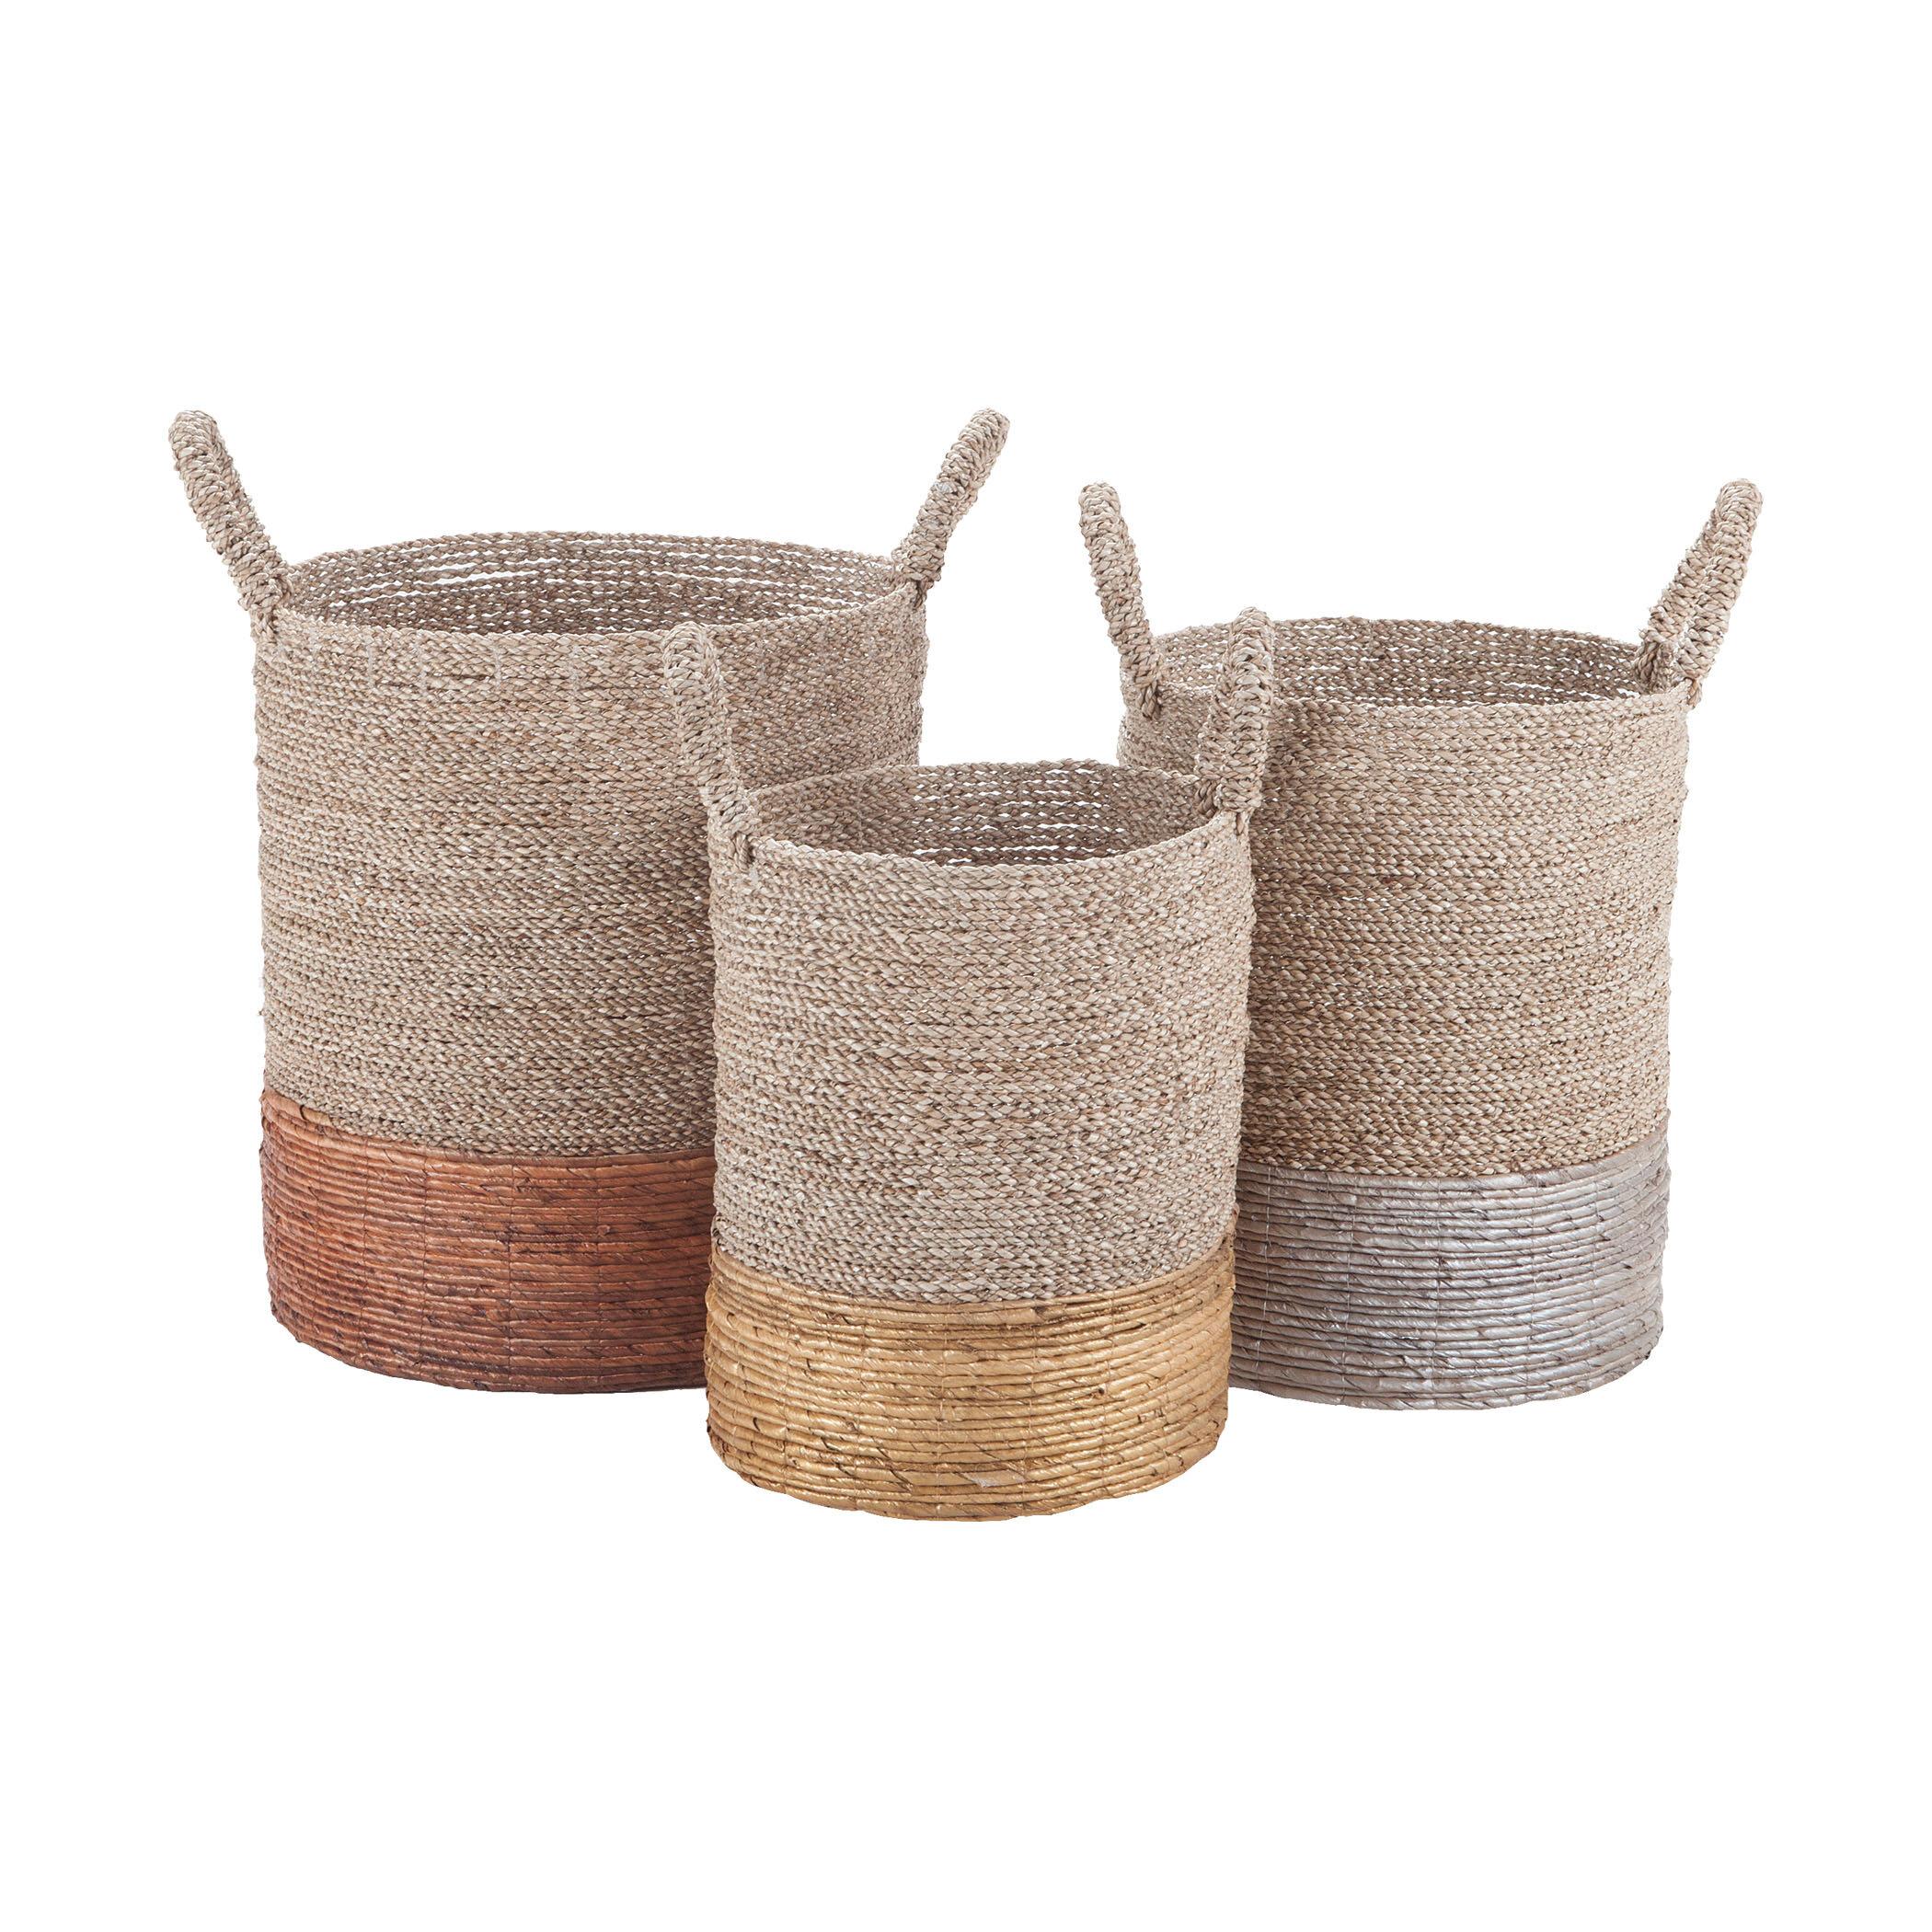 Rosecliff Heights 3 Piece Wicker Rattan Basket Set Reviews Wayfair